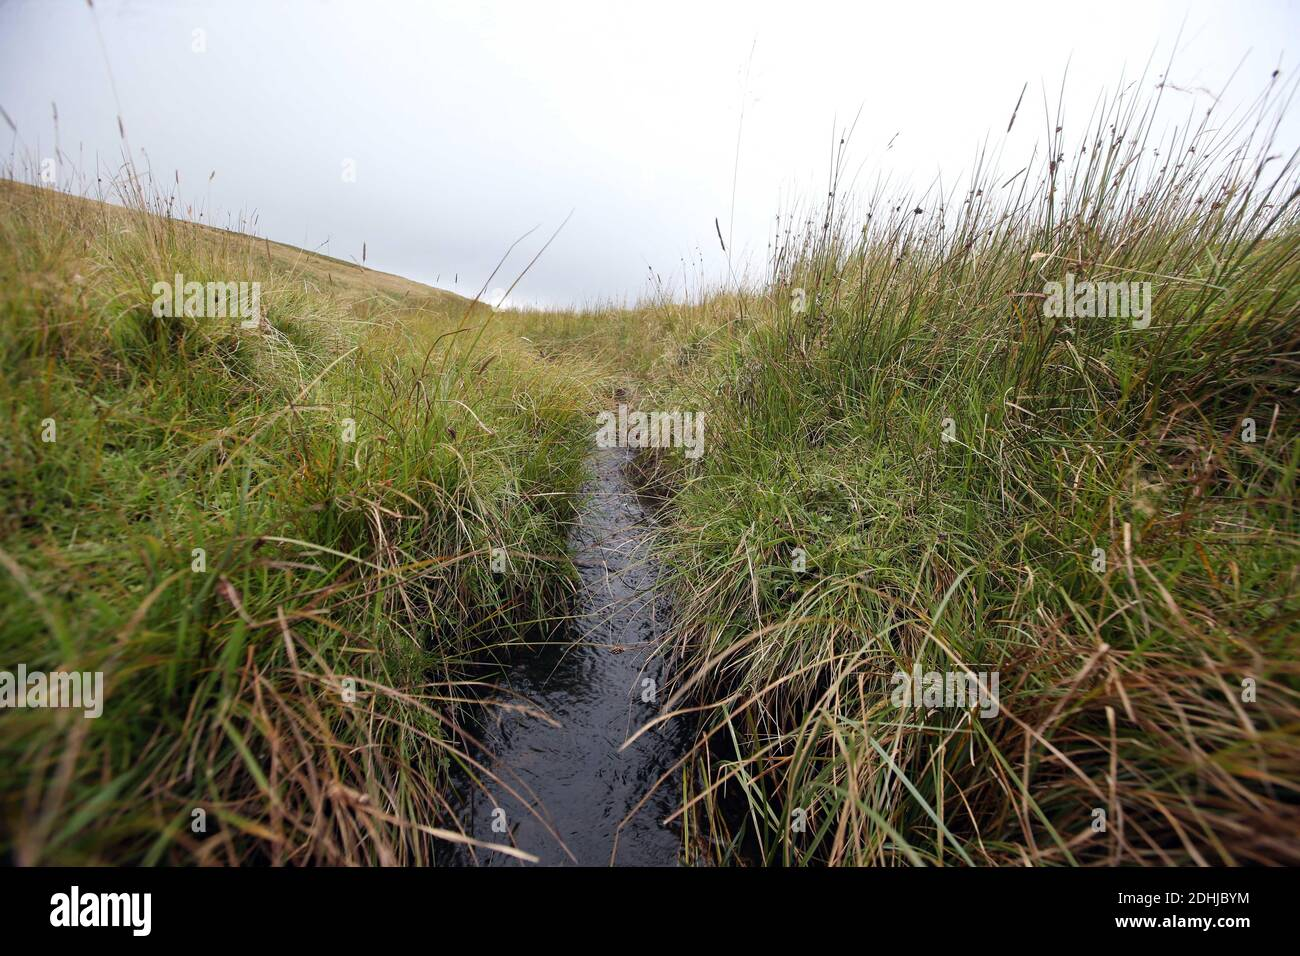 La source de la rivière Coquet haut dans les collines près du fort romain à Chew Green.Samedi 3 octobre 2020. Banque D'Images